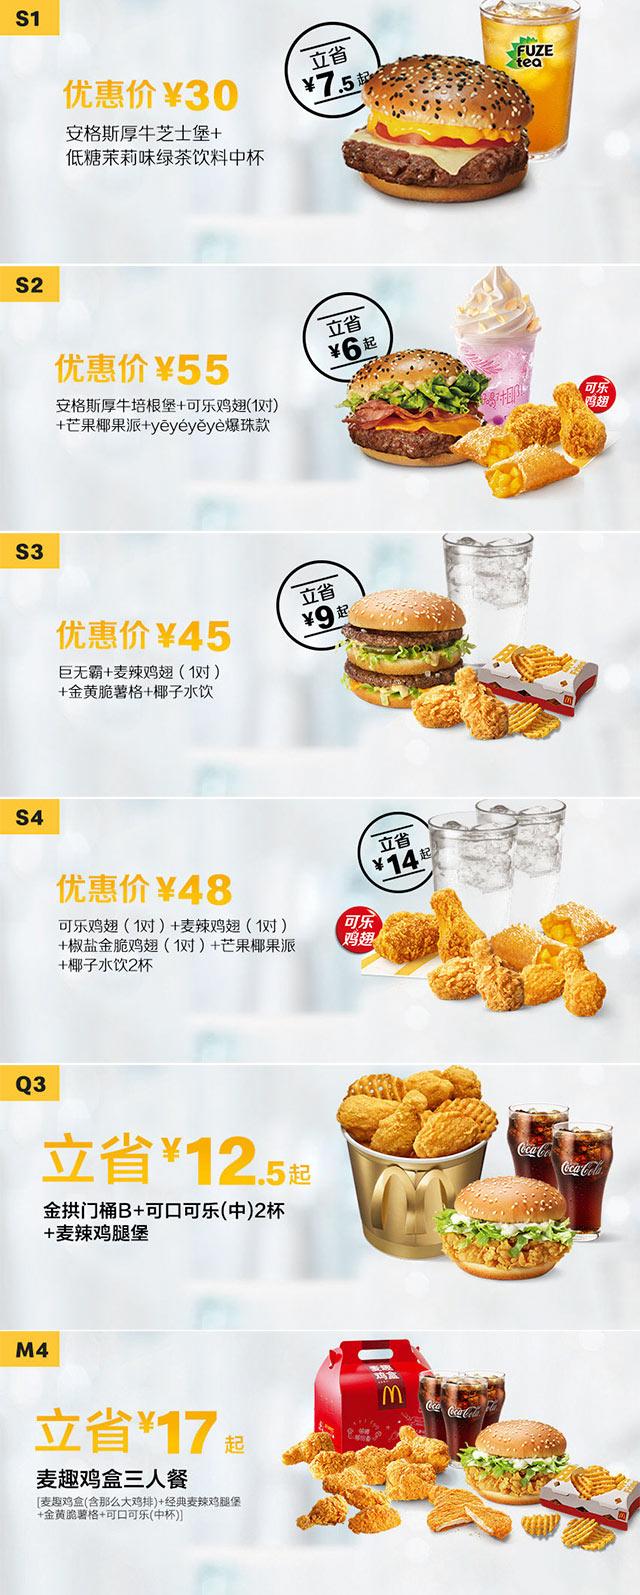 麦当劳优惠券2019年7月3日至8月7日手机版整张版本,点餐出示享优惠价